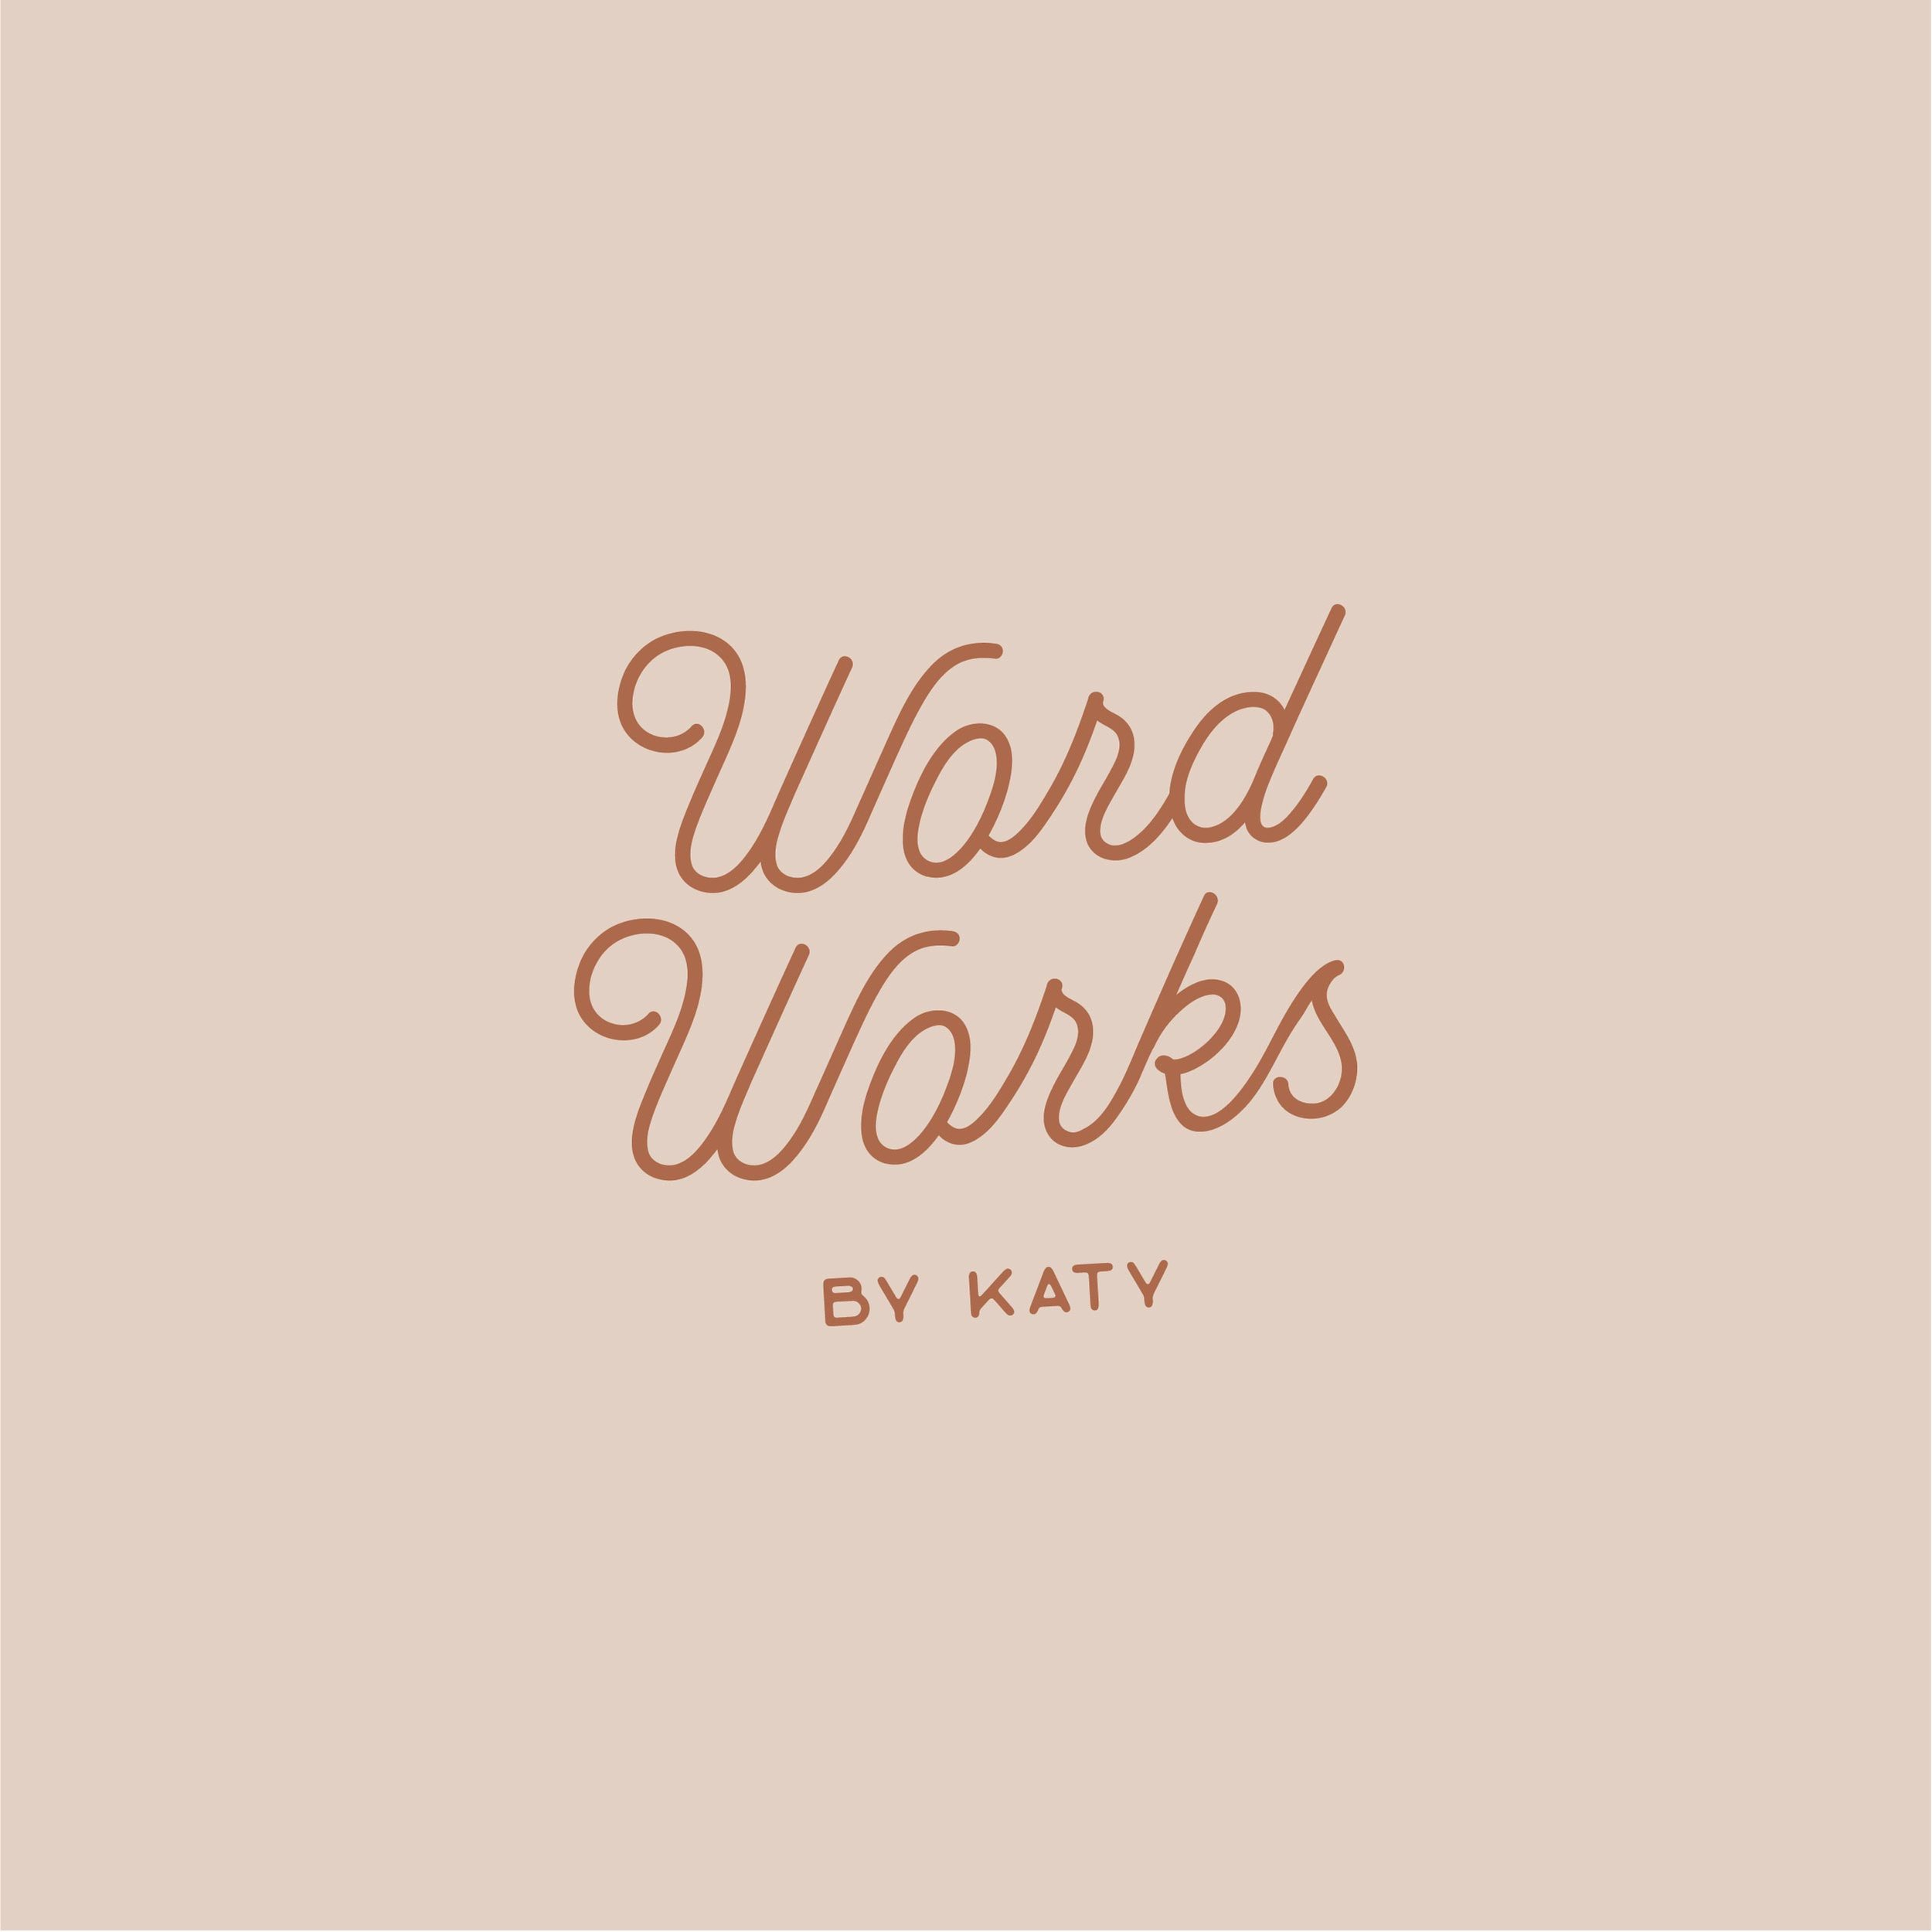 wordworksthumb